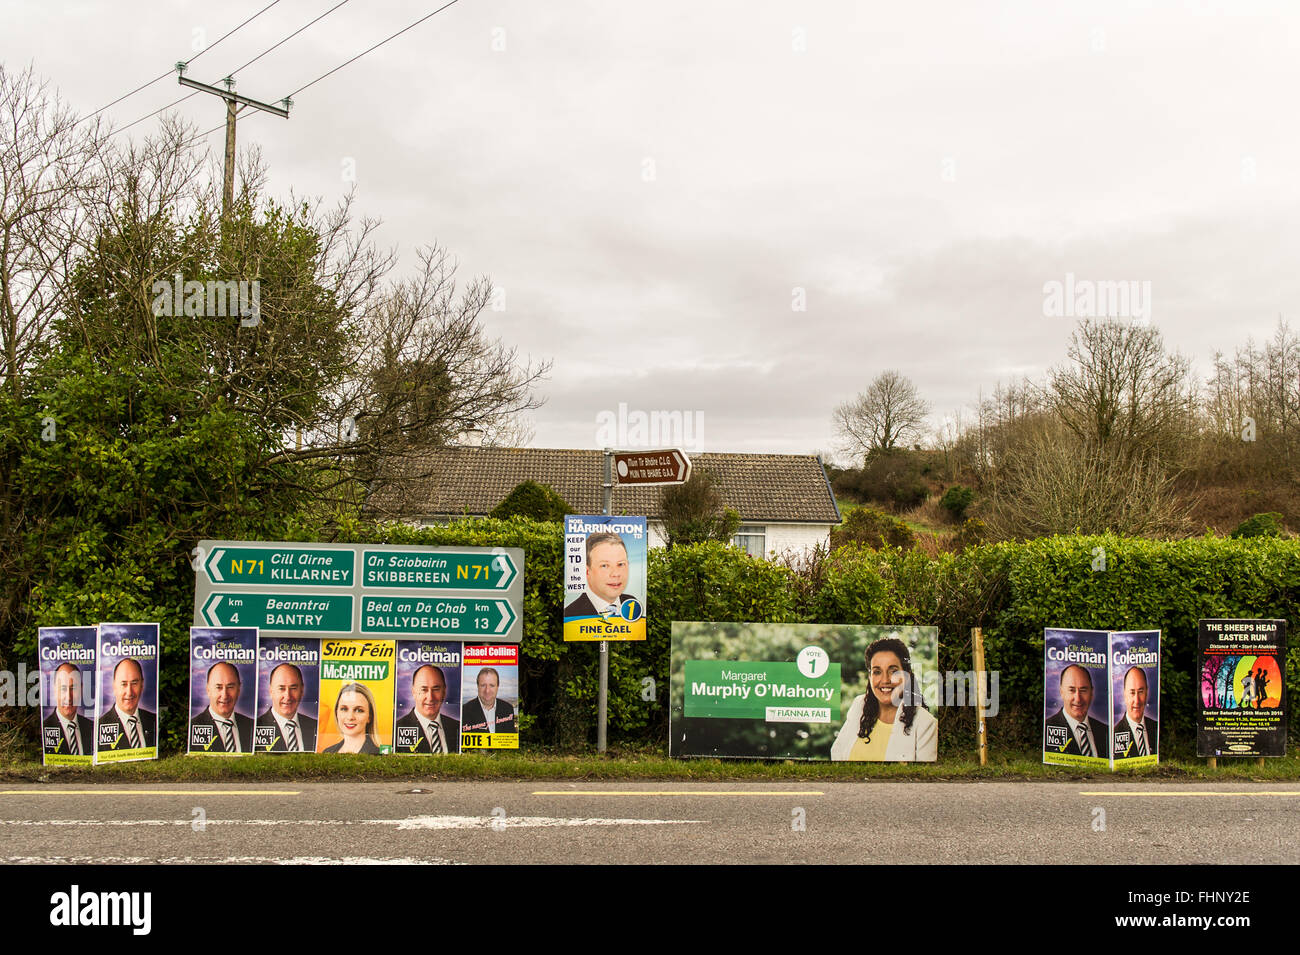 Straße West Cork Kandidat Plakate für die irischen Parlamentswahlen 2016. Stockbild